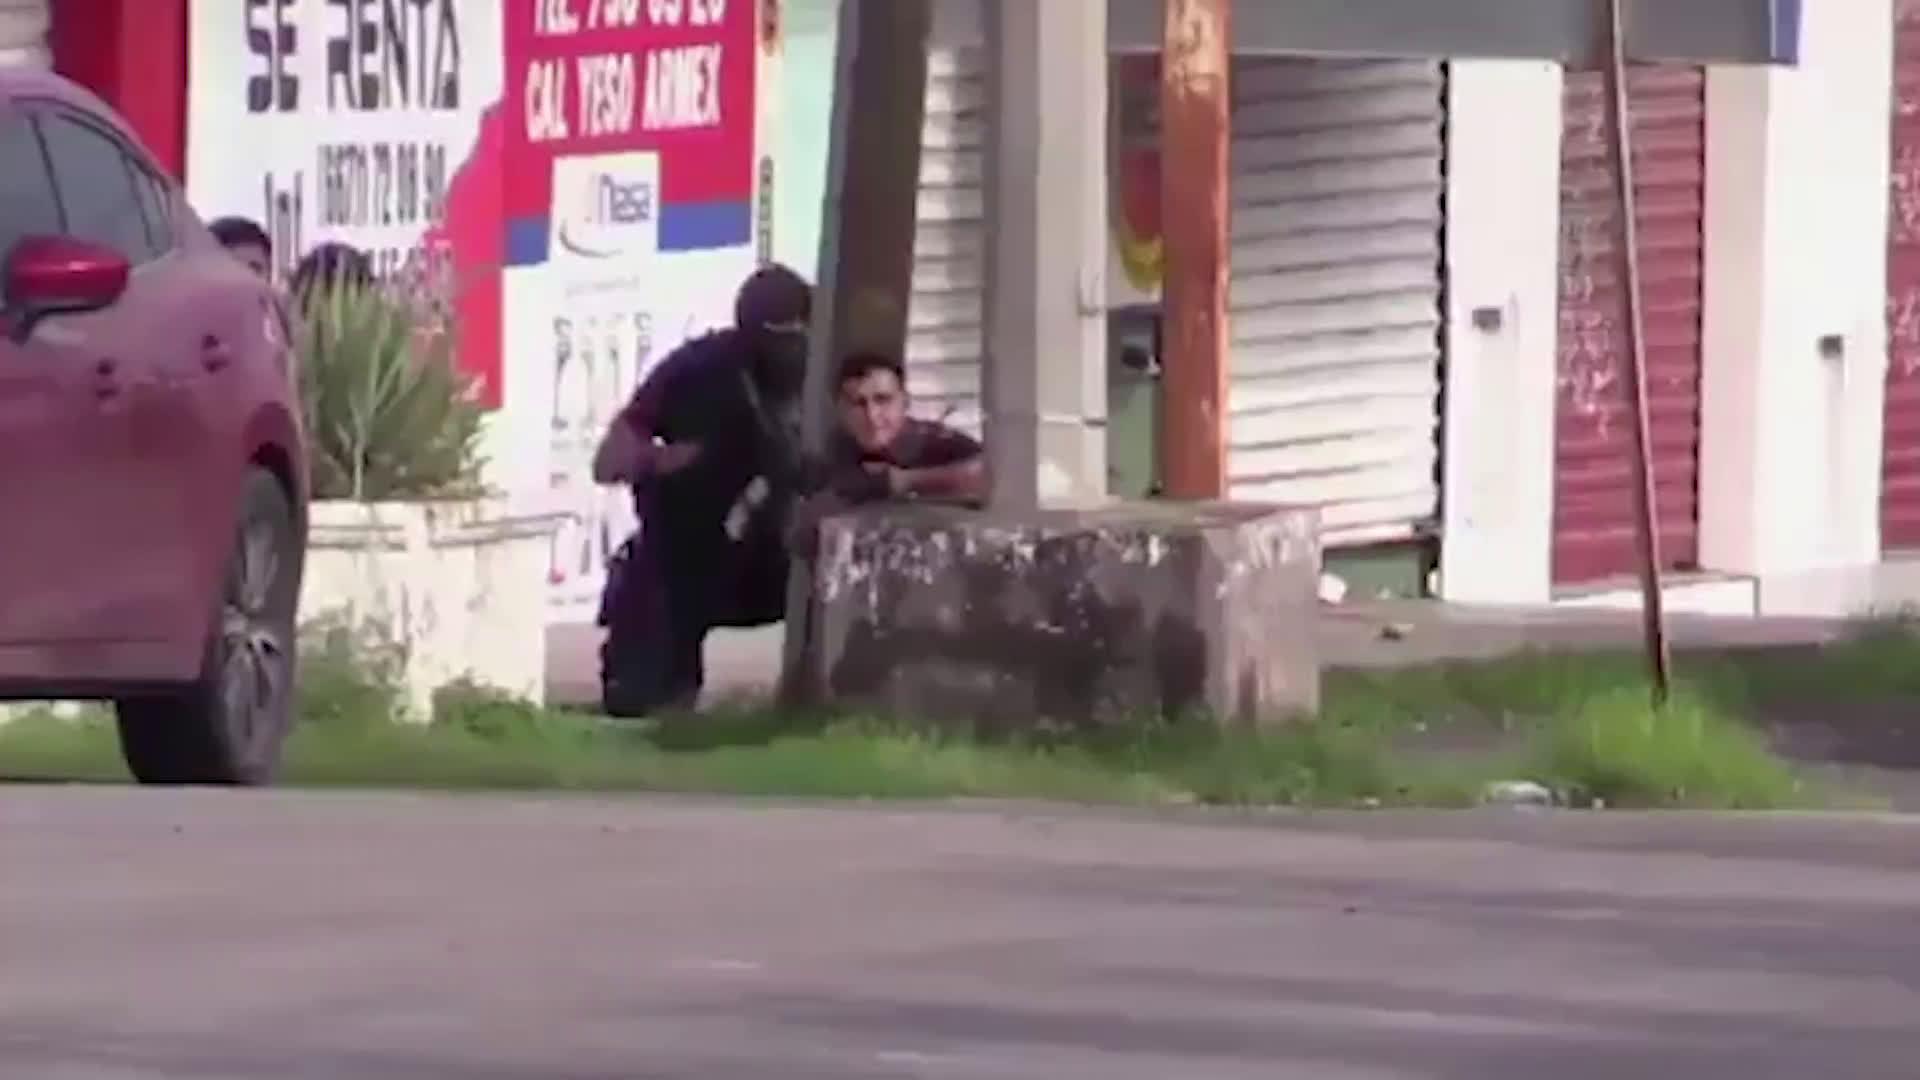 大毒枭之子被捕引墨西哥街头激战 至少20名囚犯趁乱越狱